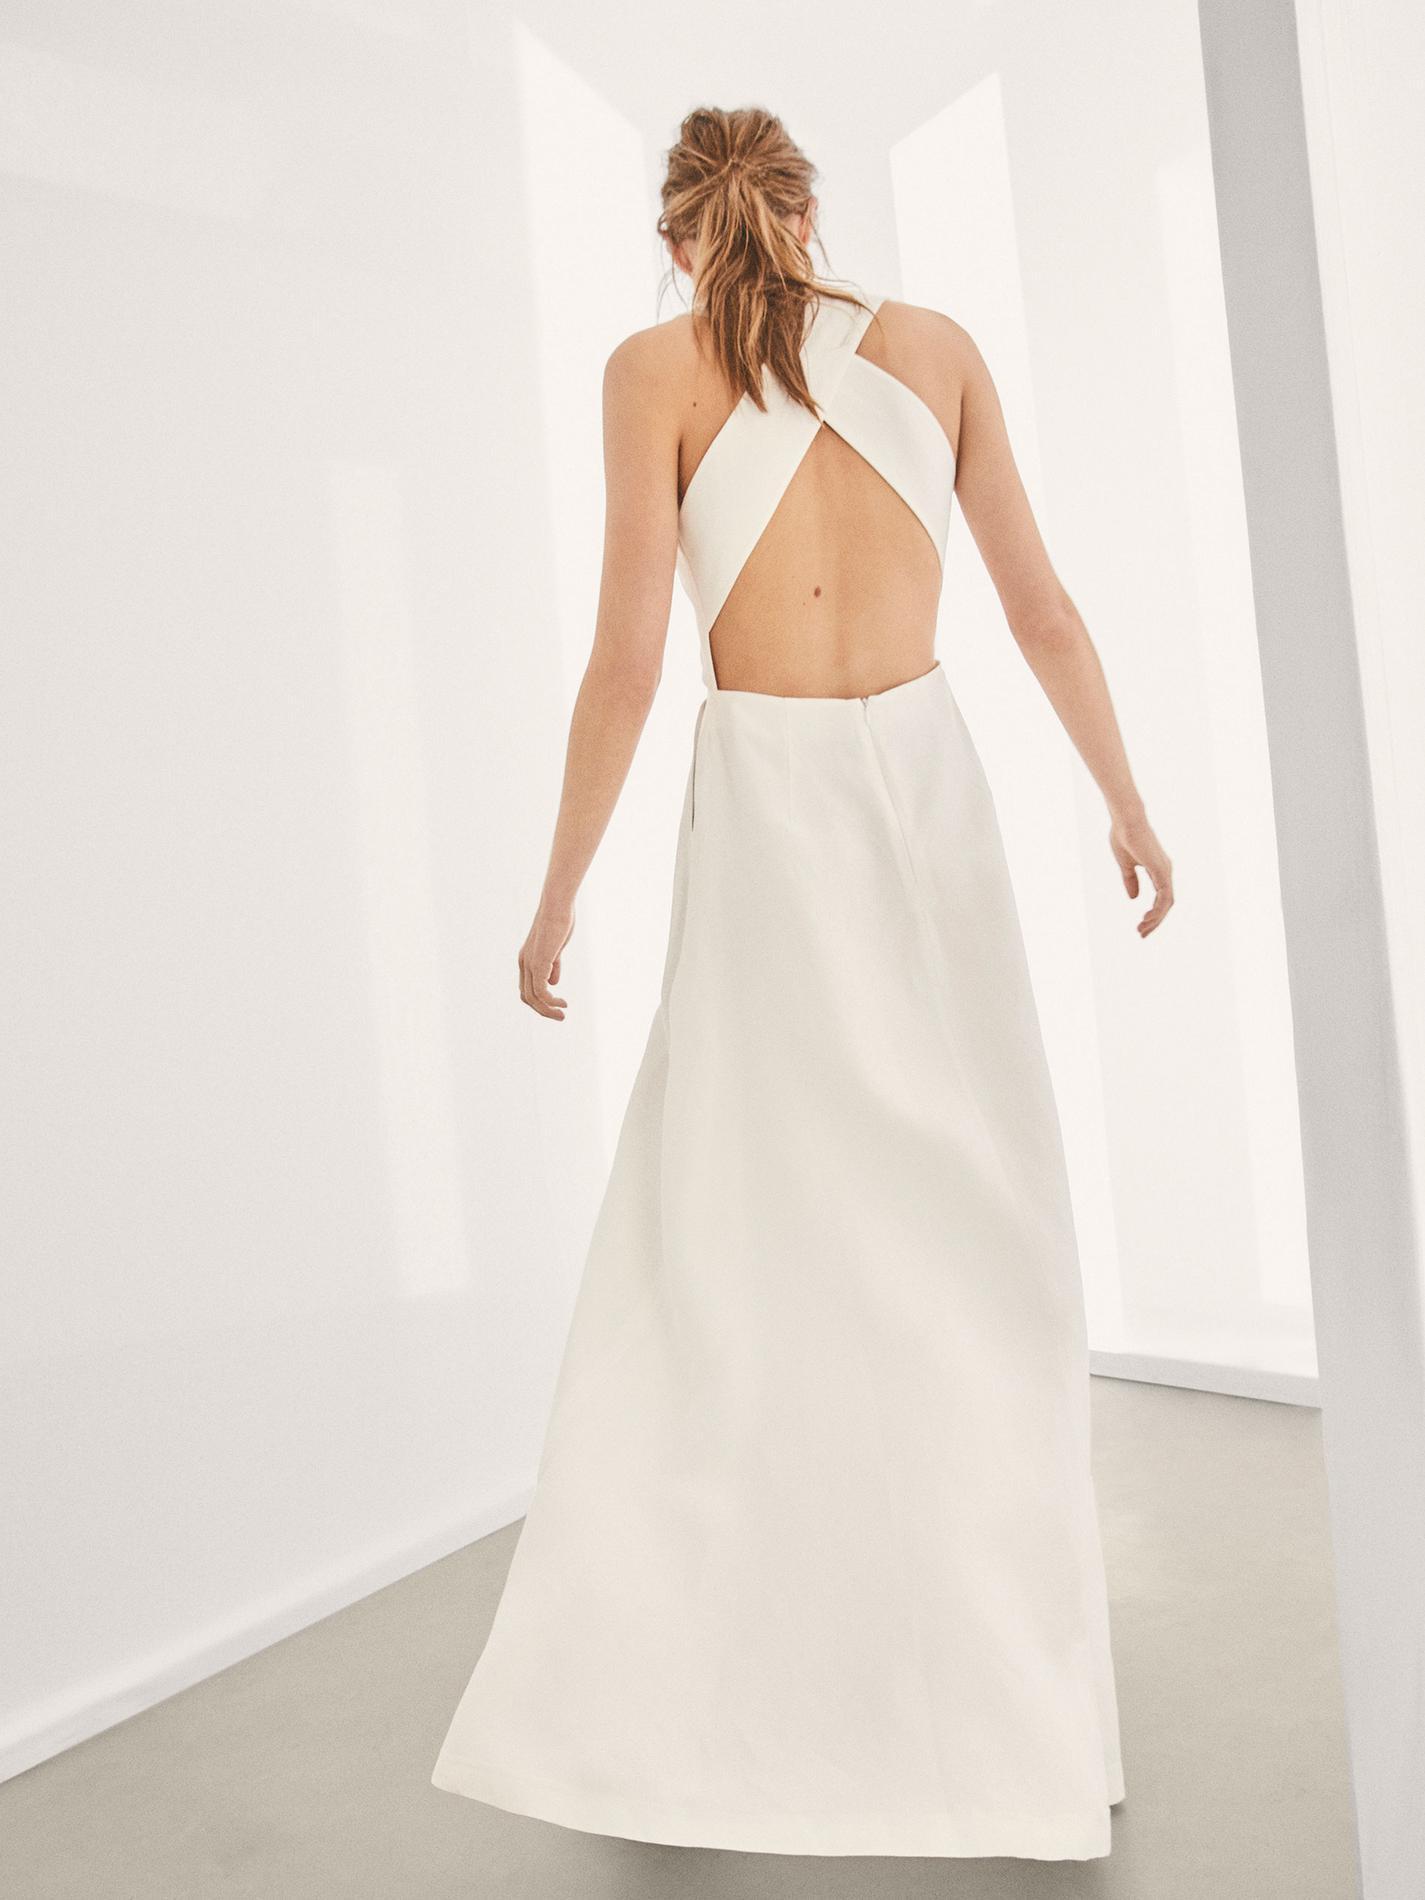 74c2cb68c88 ... de mariée à moins de 500 euros - Intropia Notre sélection de robes de  mariée à moins de 500 euros - Maje Notre sélection de robes de mariée à  moins de ...